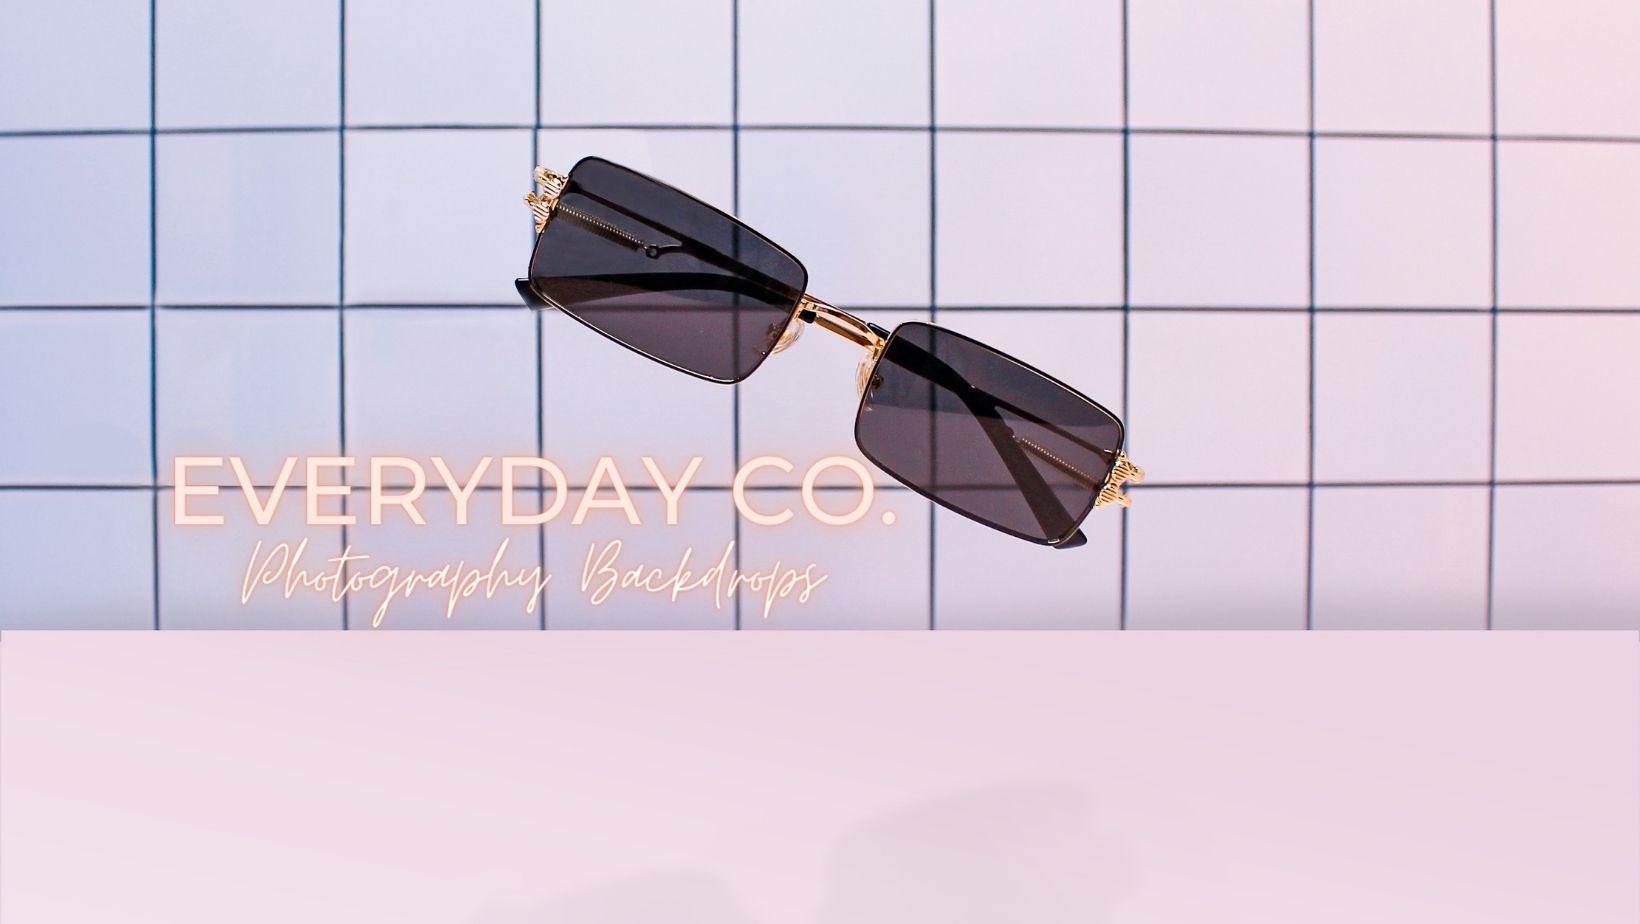 Everyday-co